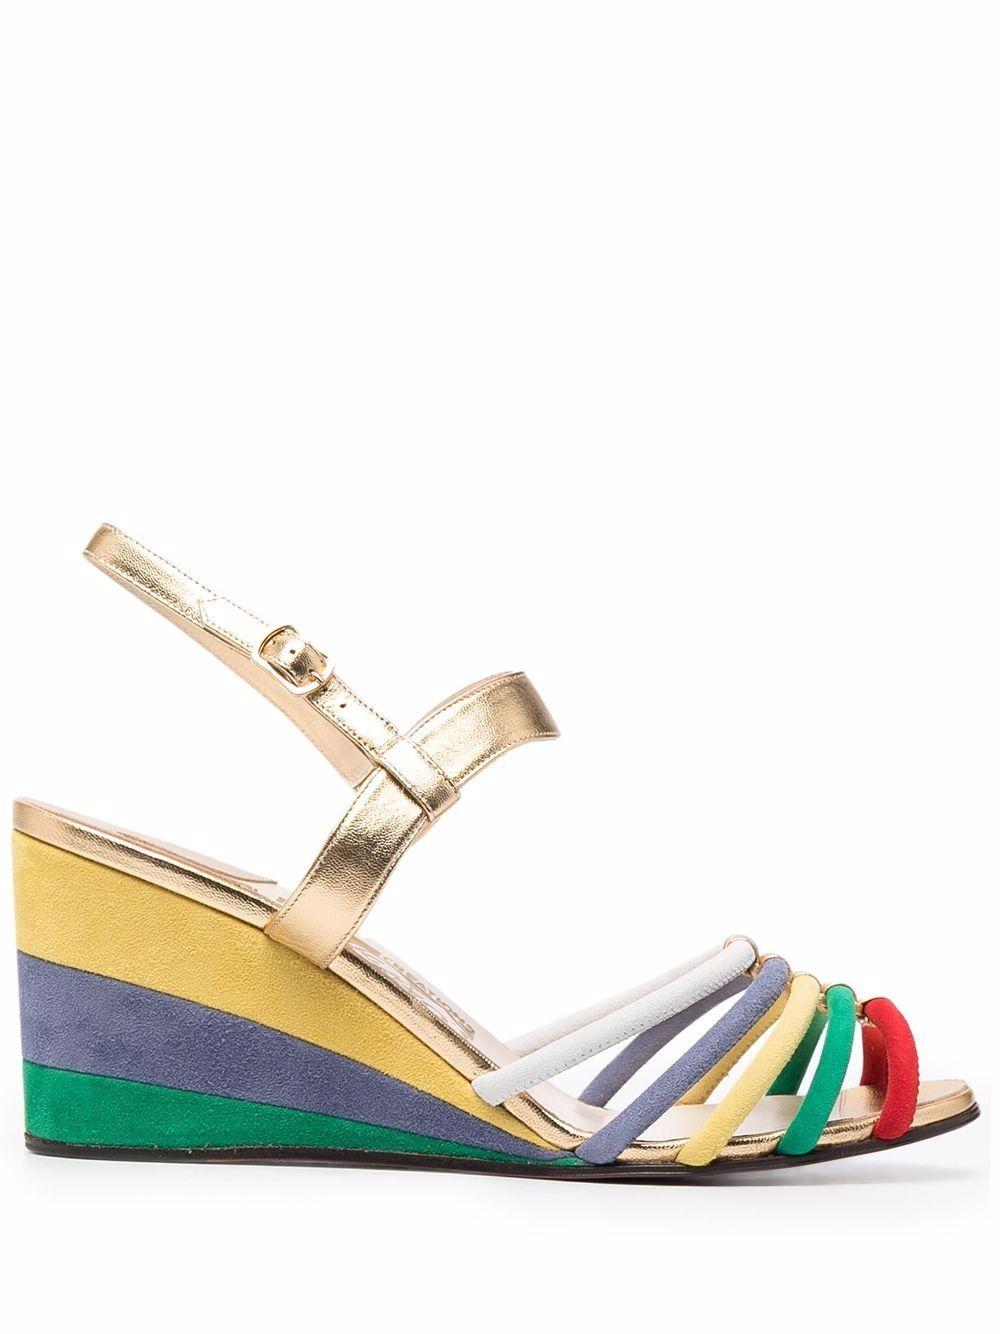 Laila (1955) sandals